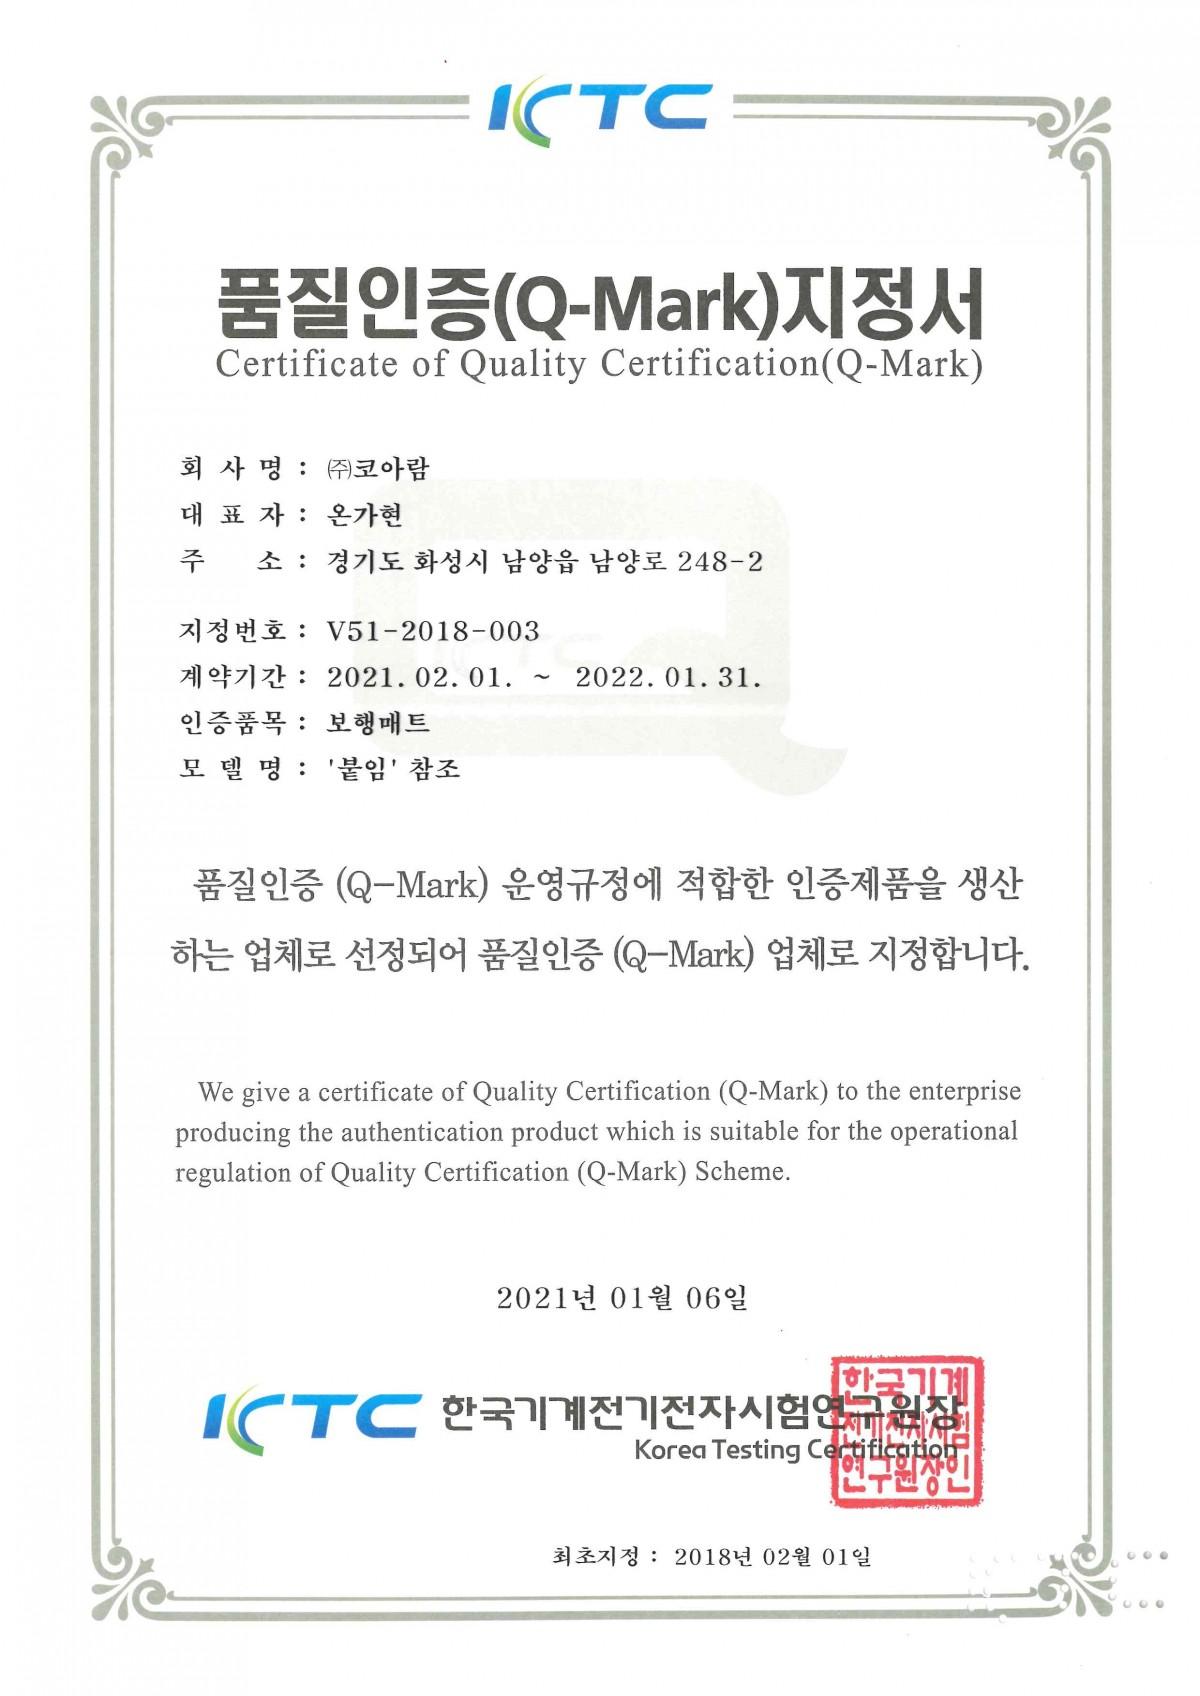 품질인증(Q-Mark) 지정서 전체_(주)코아람 화성공장_페이지_1.jpg